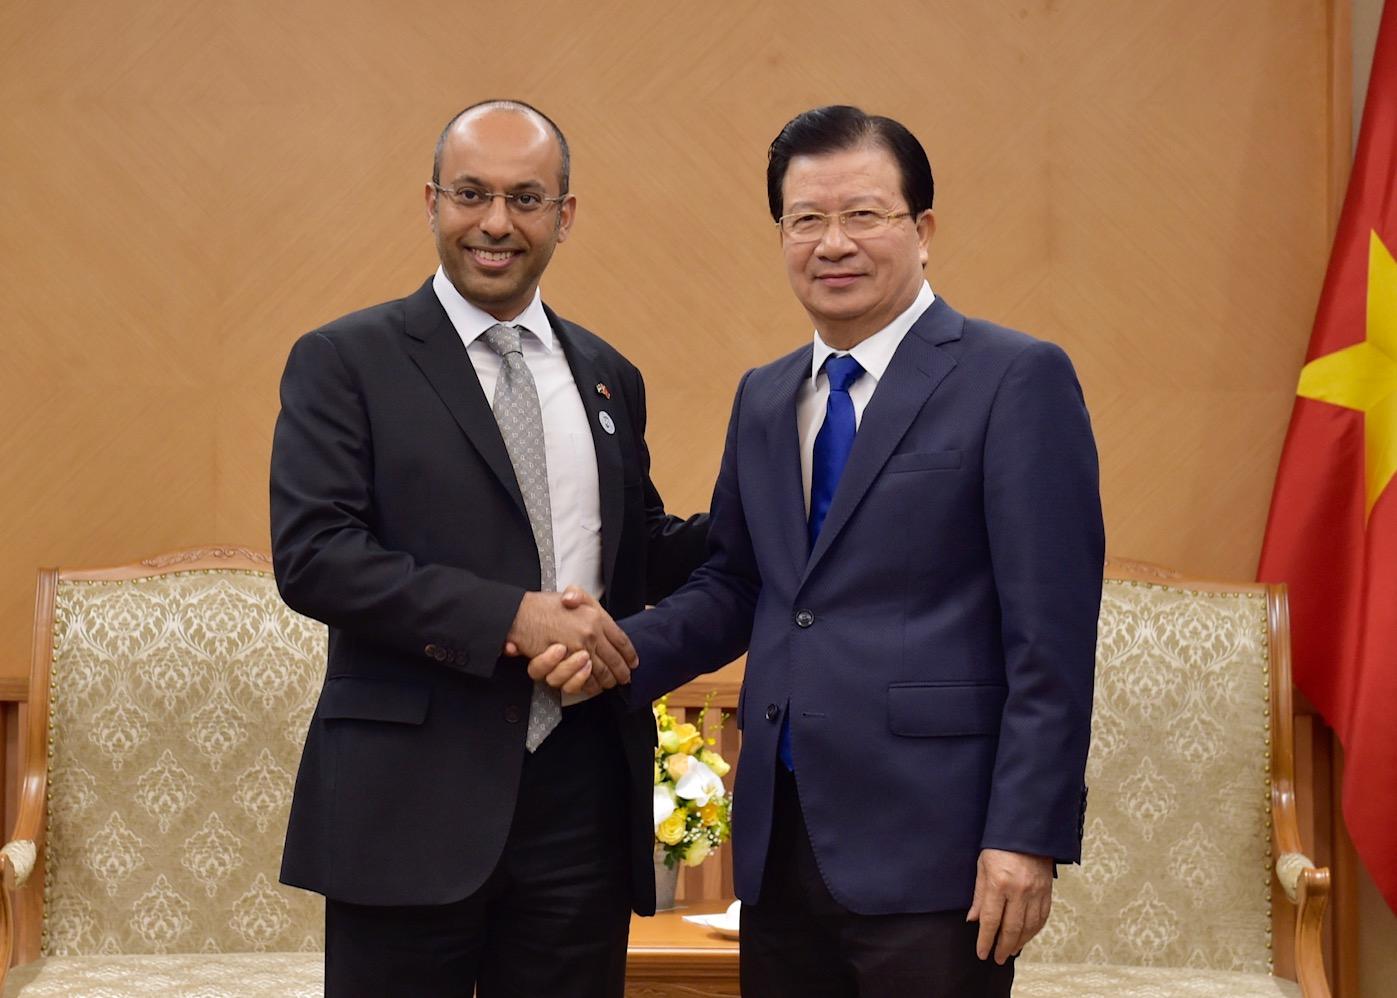 Việt Nam sẽ tạo mọi điều kiện thuận lợi để các nhà đầu tư UAE mở rộng đầu tư, kinh doanh